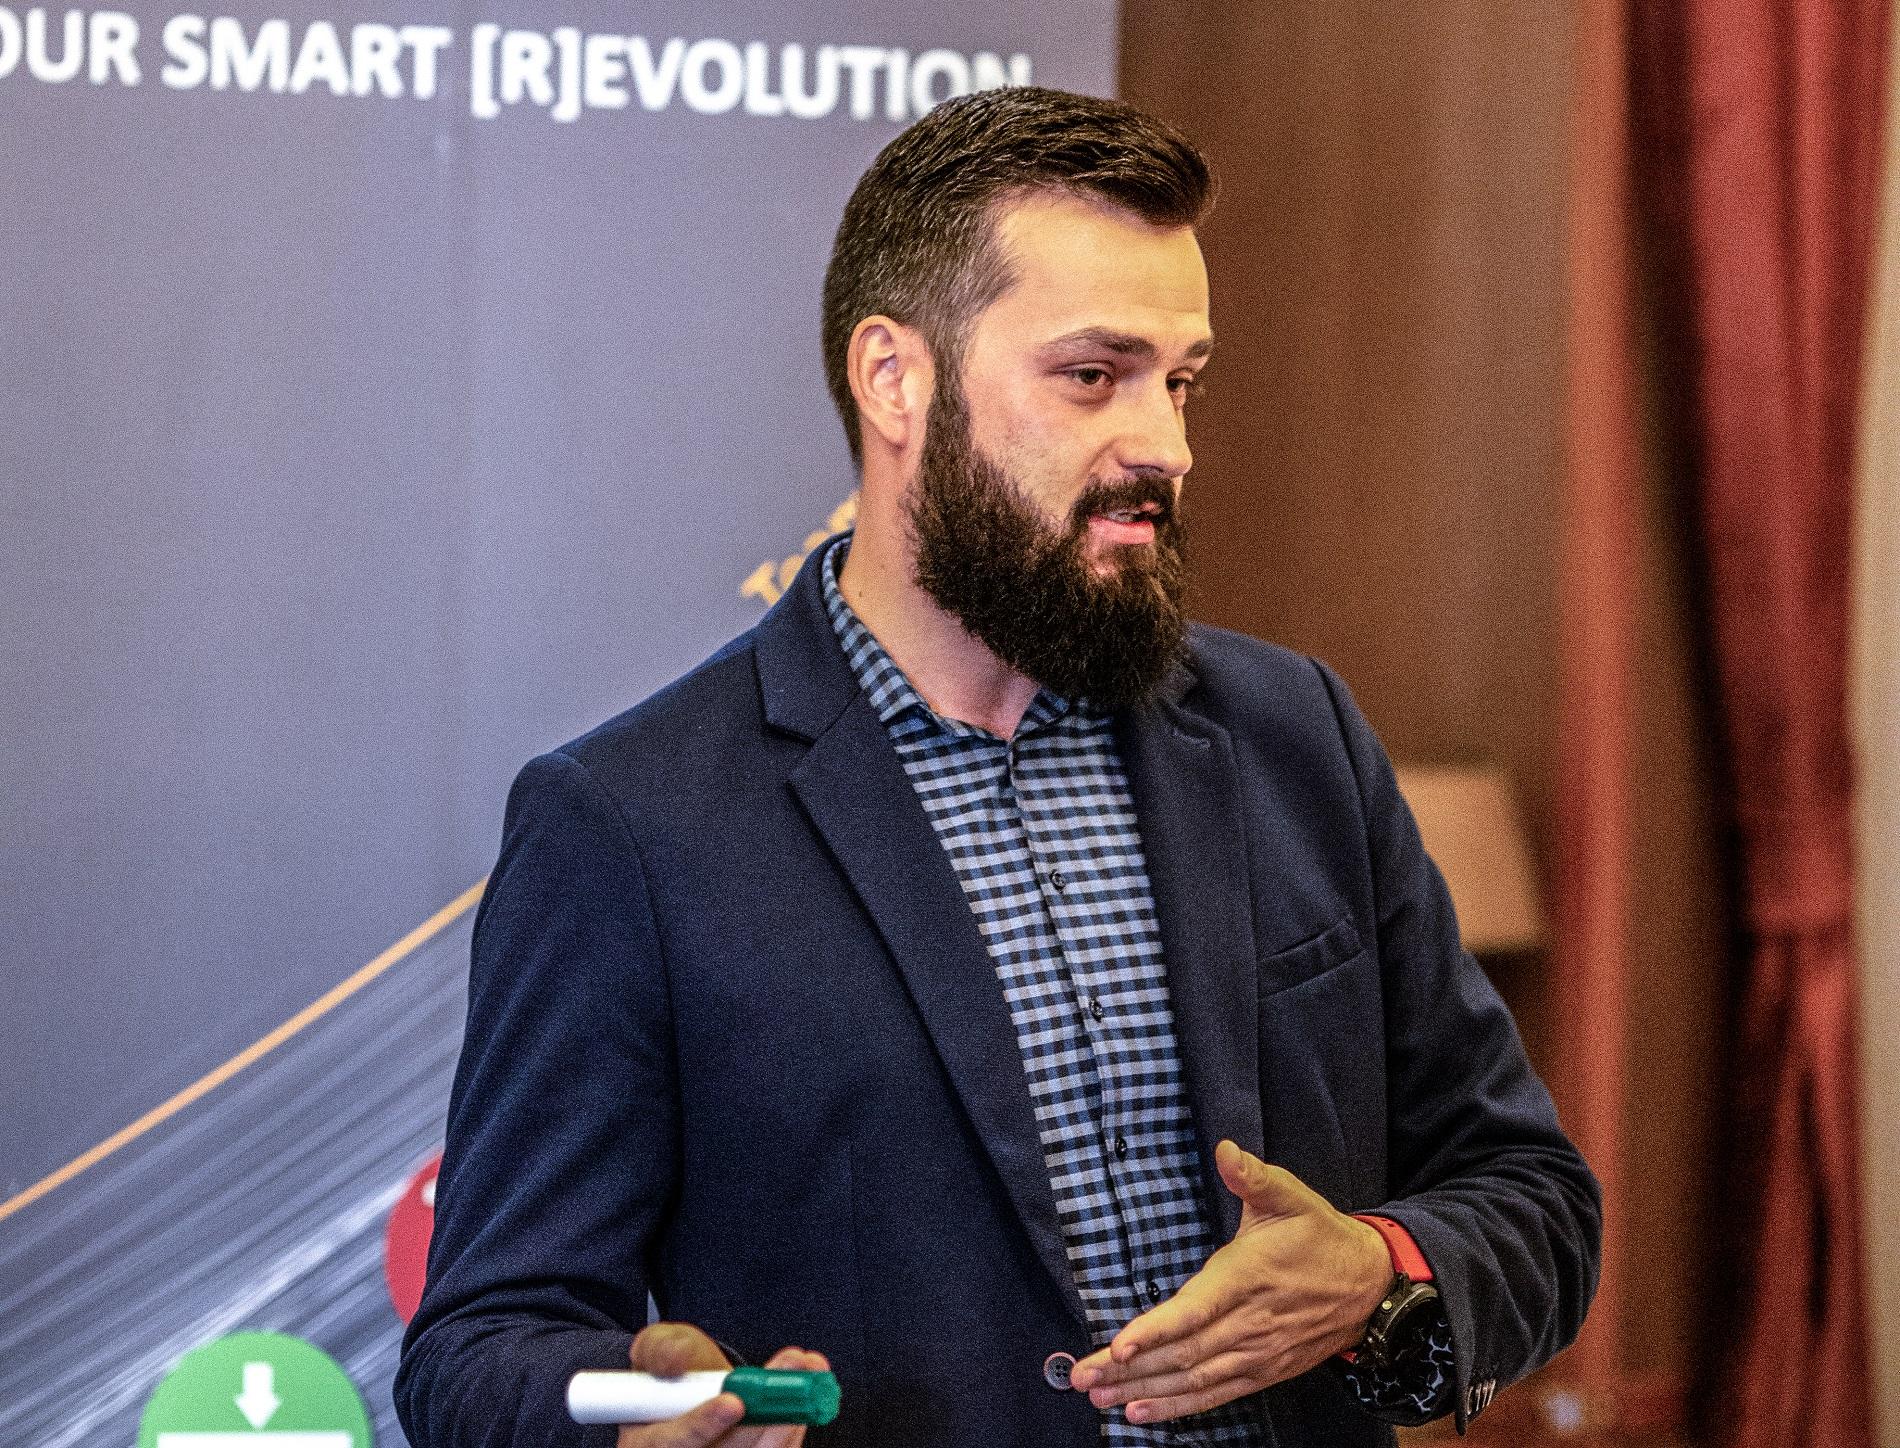 Kristián Zastko: Koronakríza eskalovala potrebu vyspelých informačných systémov pri riadení výrobných podnikov